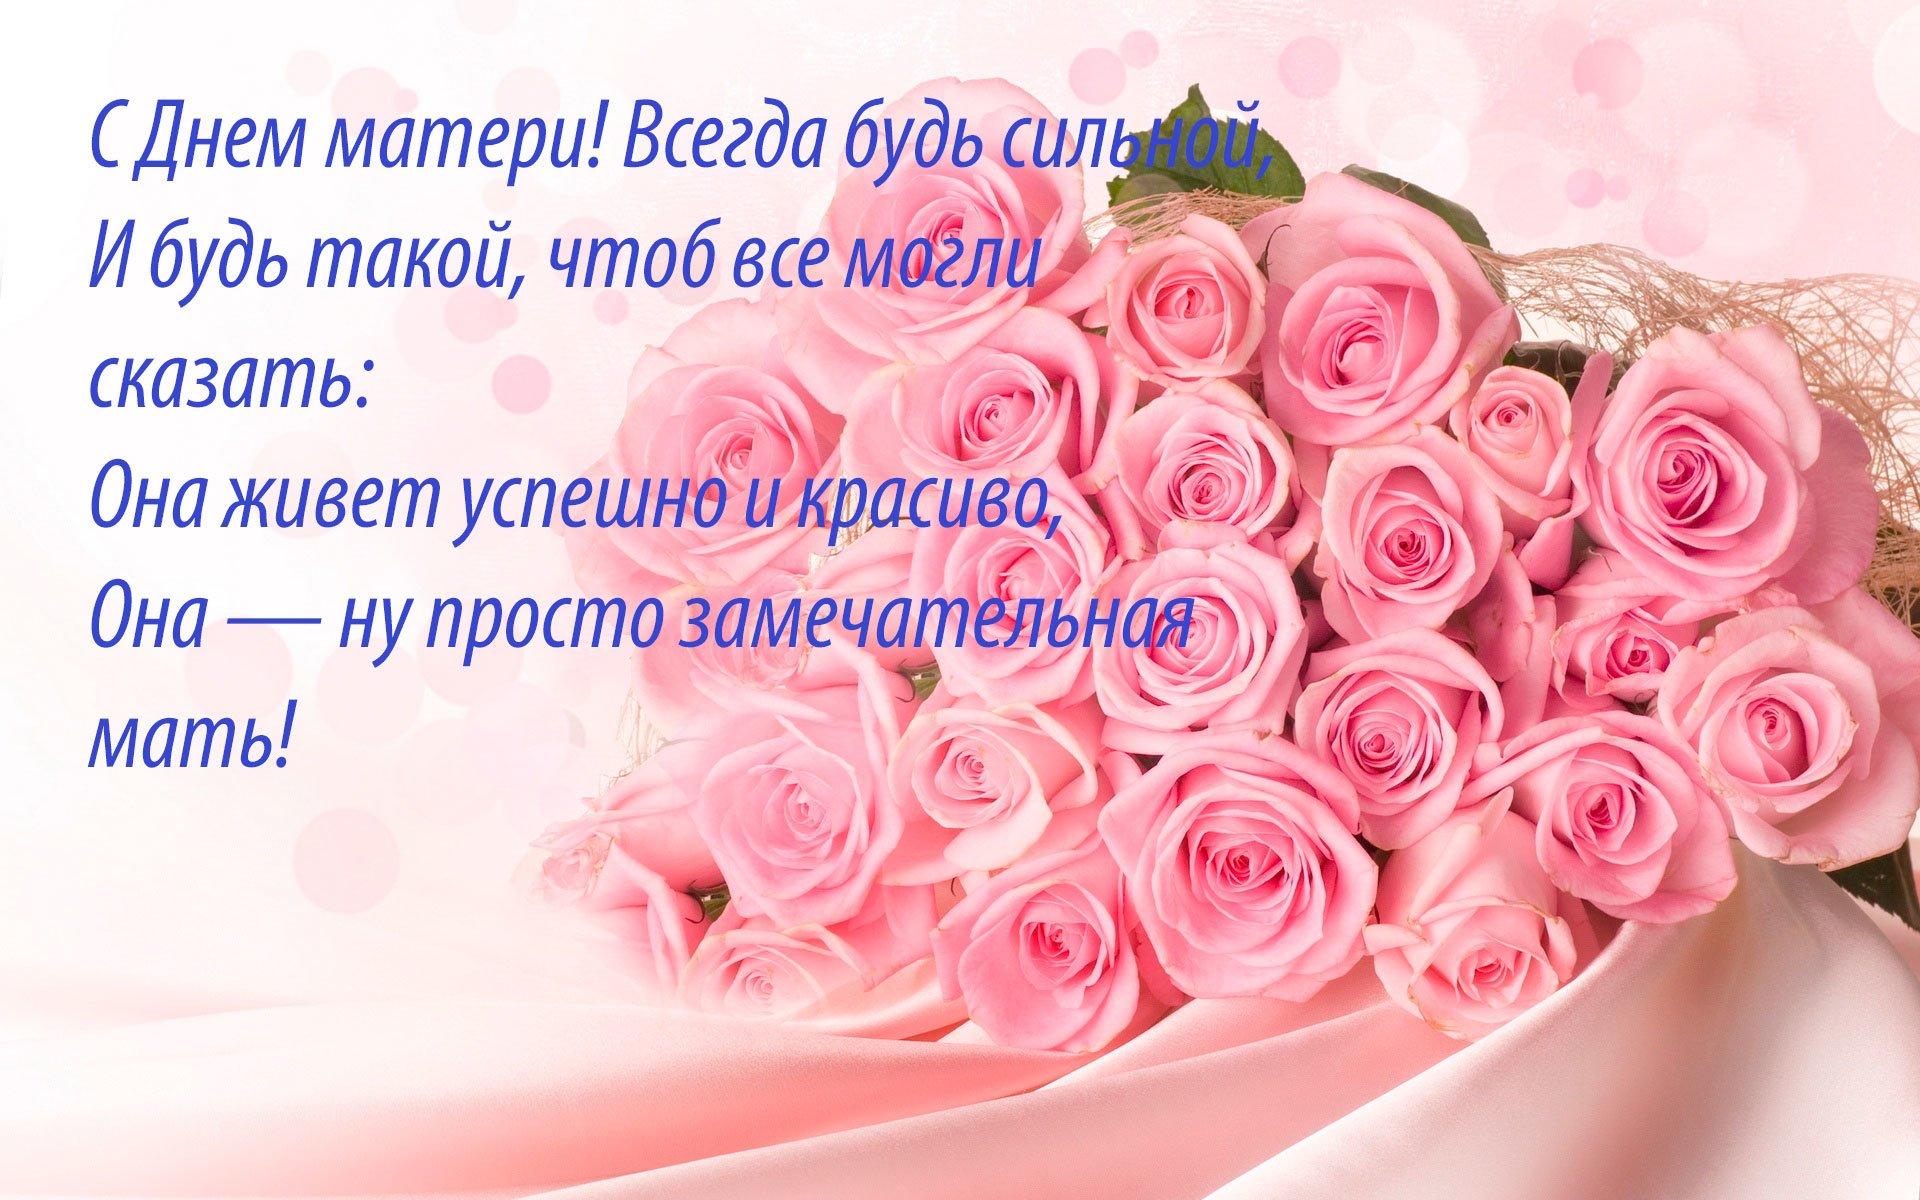 Поздравление на день матери для всех женщин проза